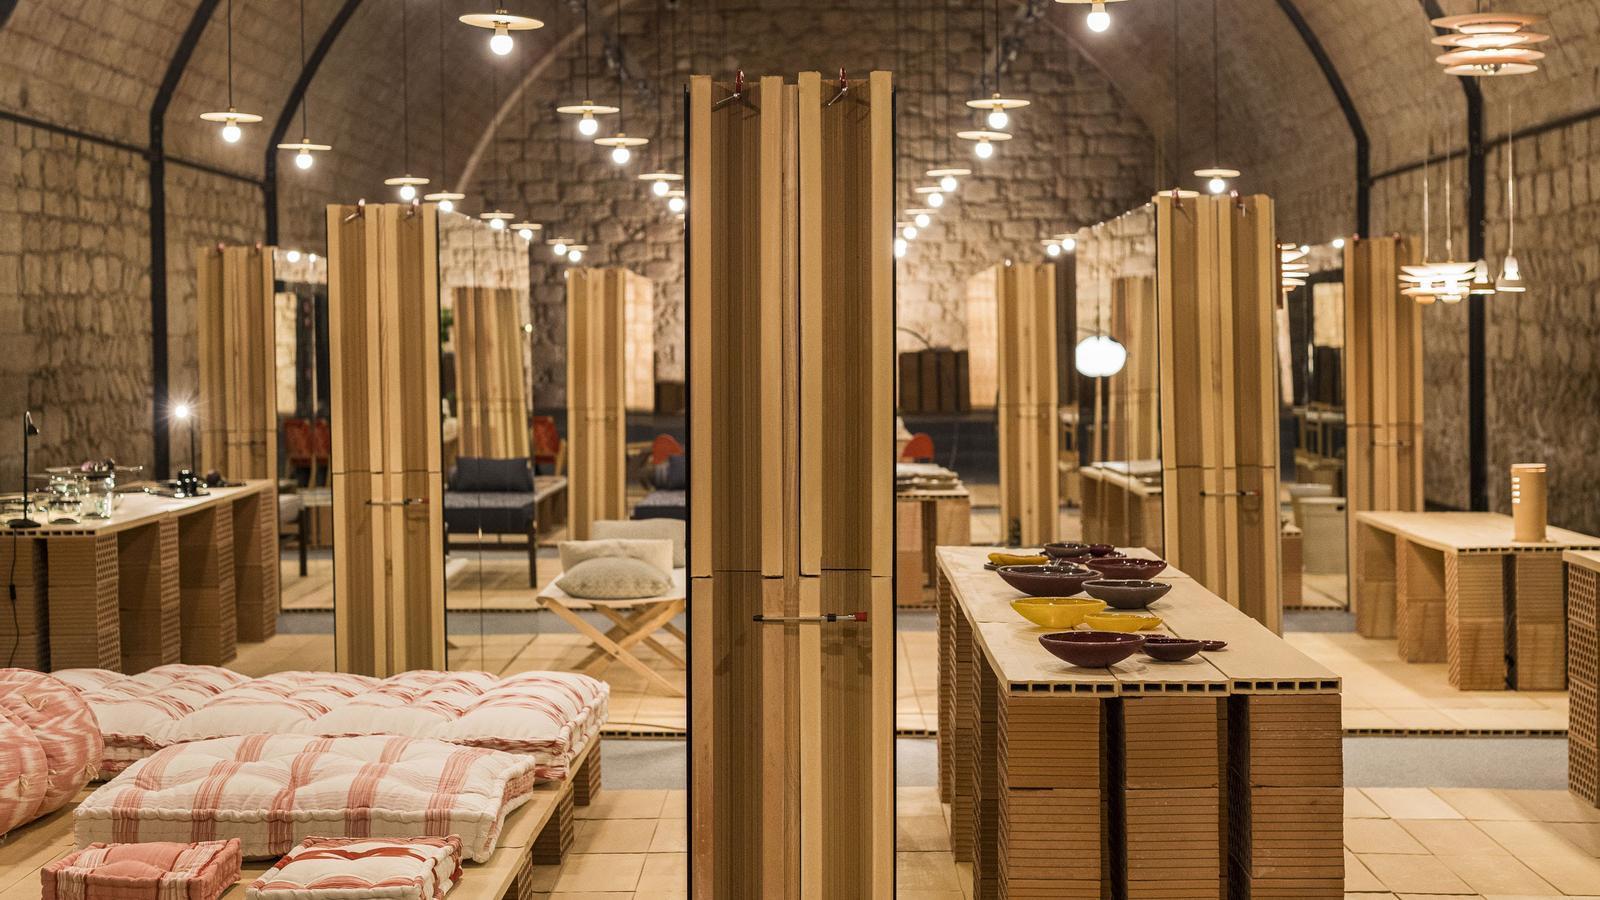 La instal·lació del Made in Mallorca torna a l'Aljub d'Es Baluard Museu